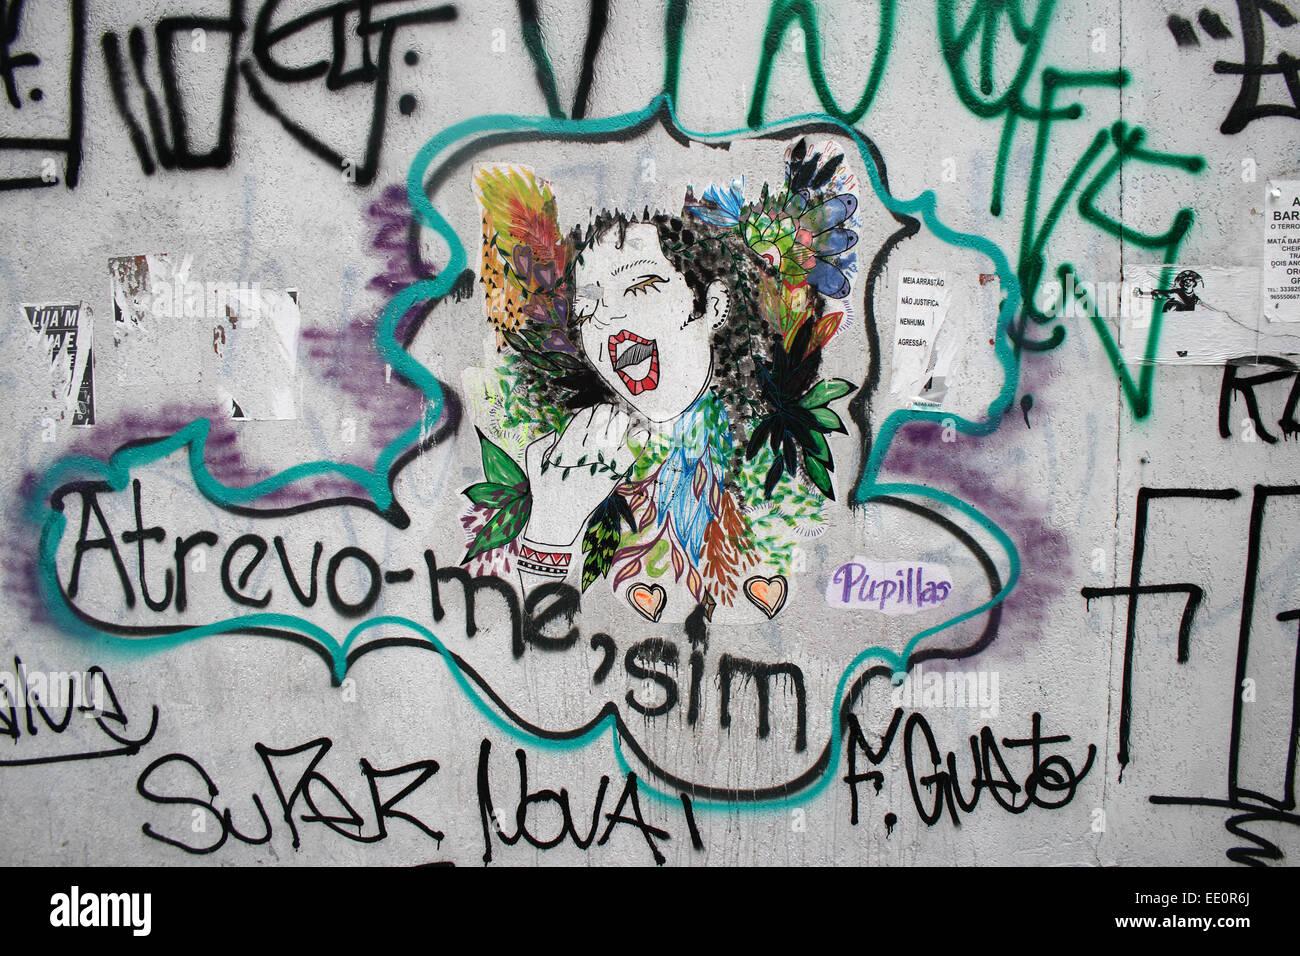 Arte en la calle en la ciudad brasileña de Sao Paulo. Imagen De Stock